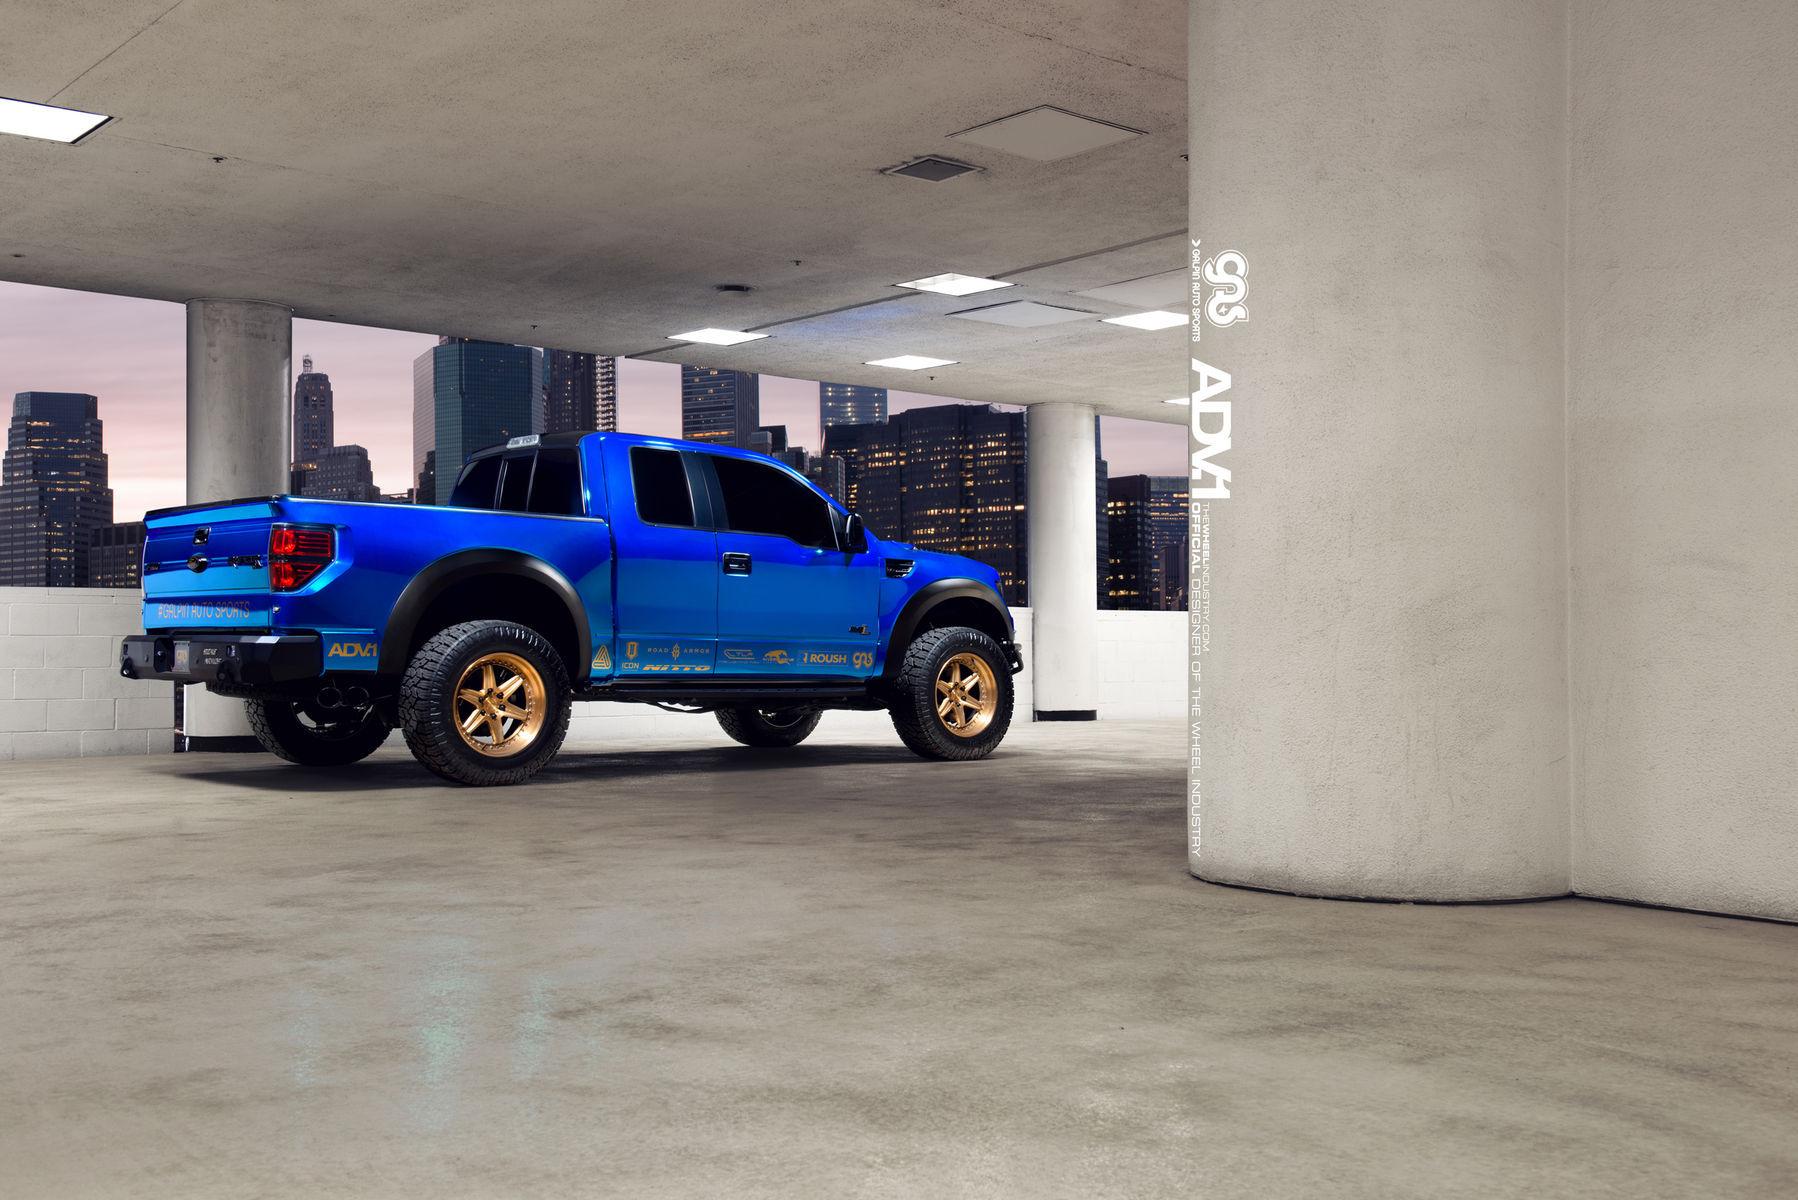 Ford Raptor | Ford Raptor